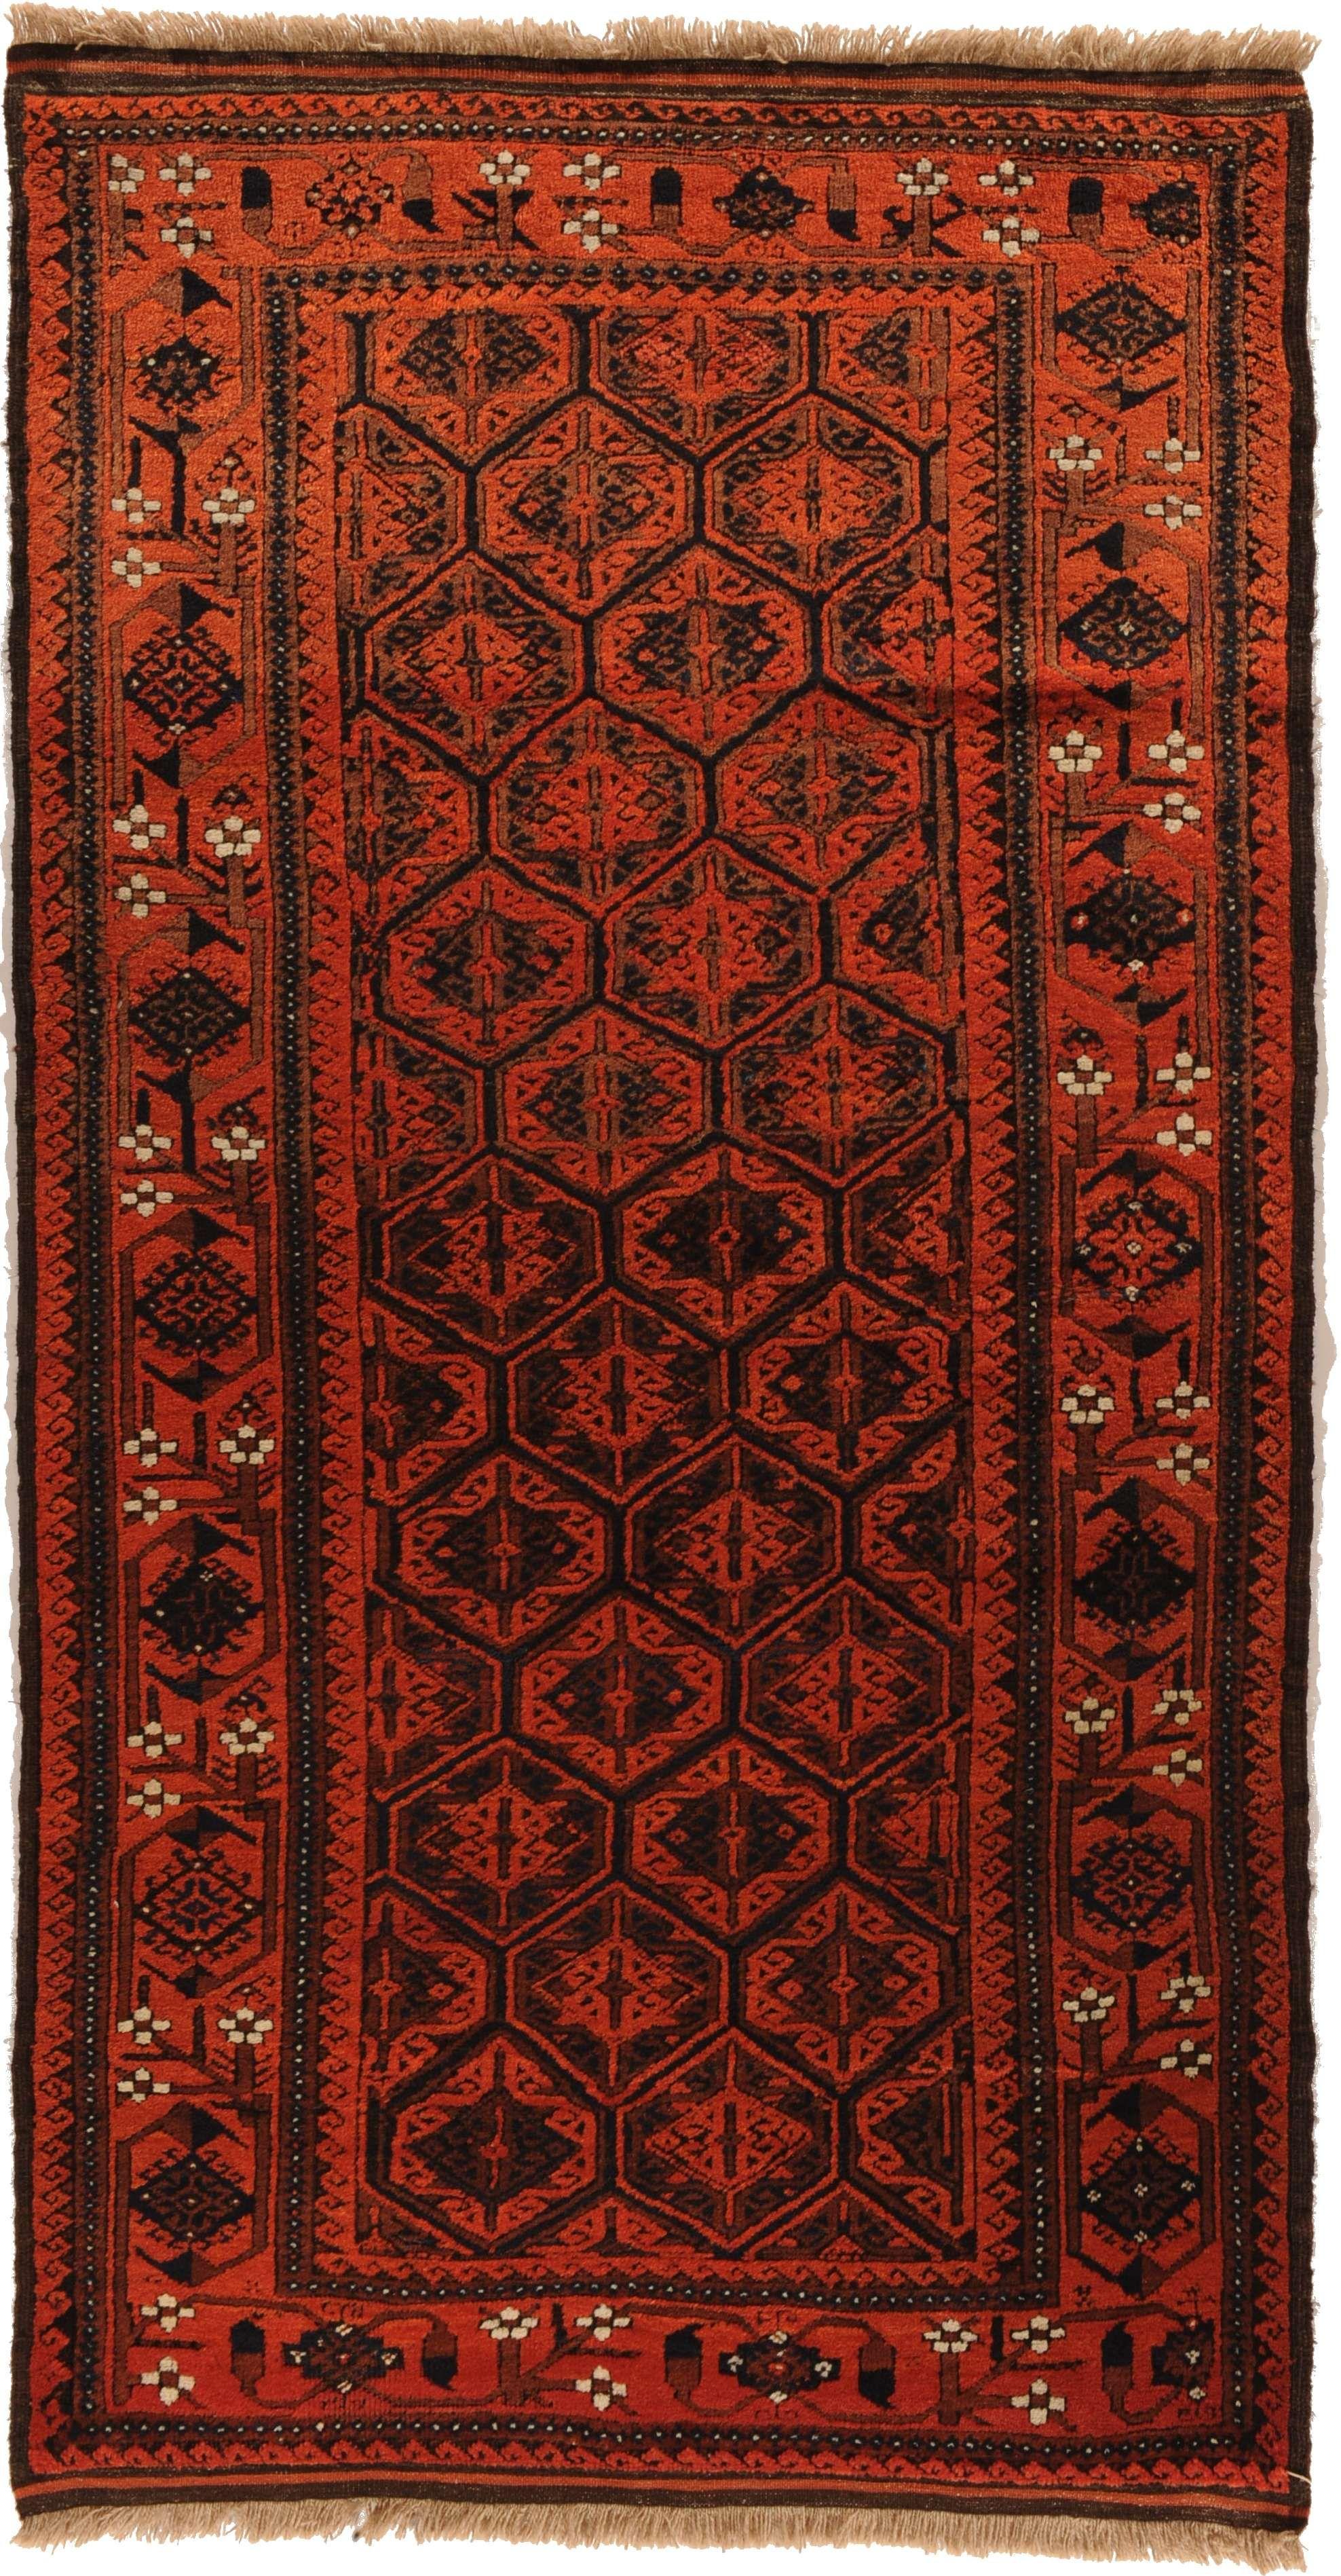 Beludj Ali Mirzai Alter Antik Herkunft Iran Lange 190 Breite 105 Teppich Antik Herkunft